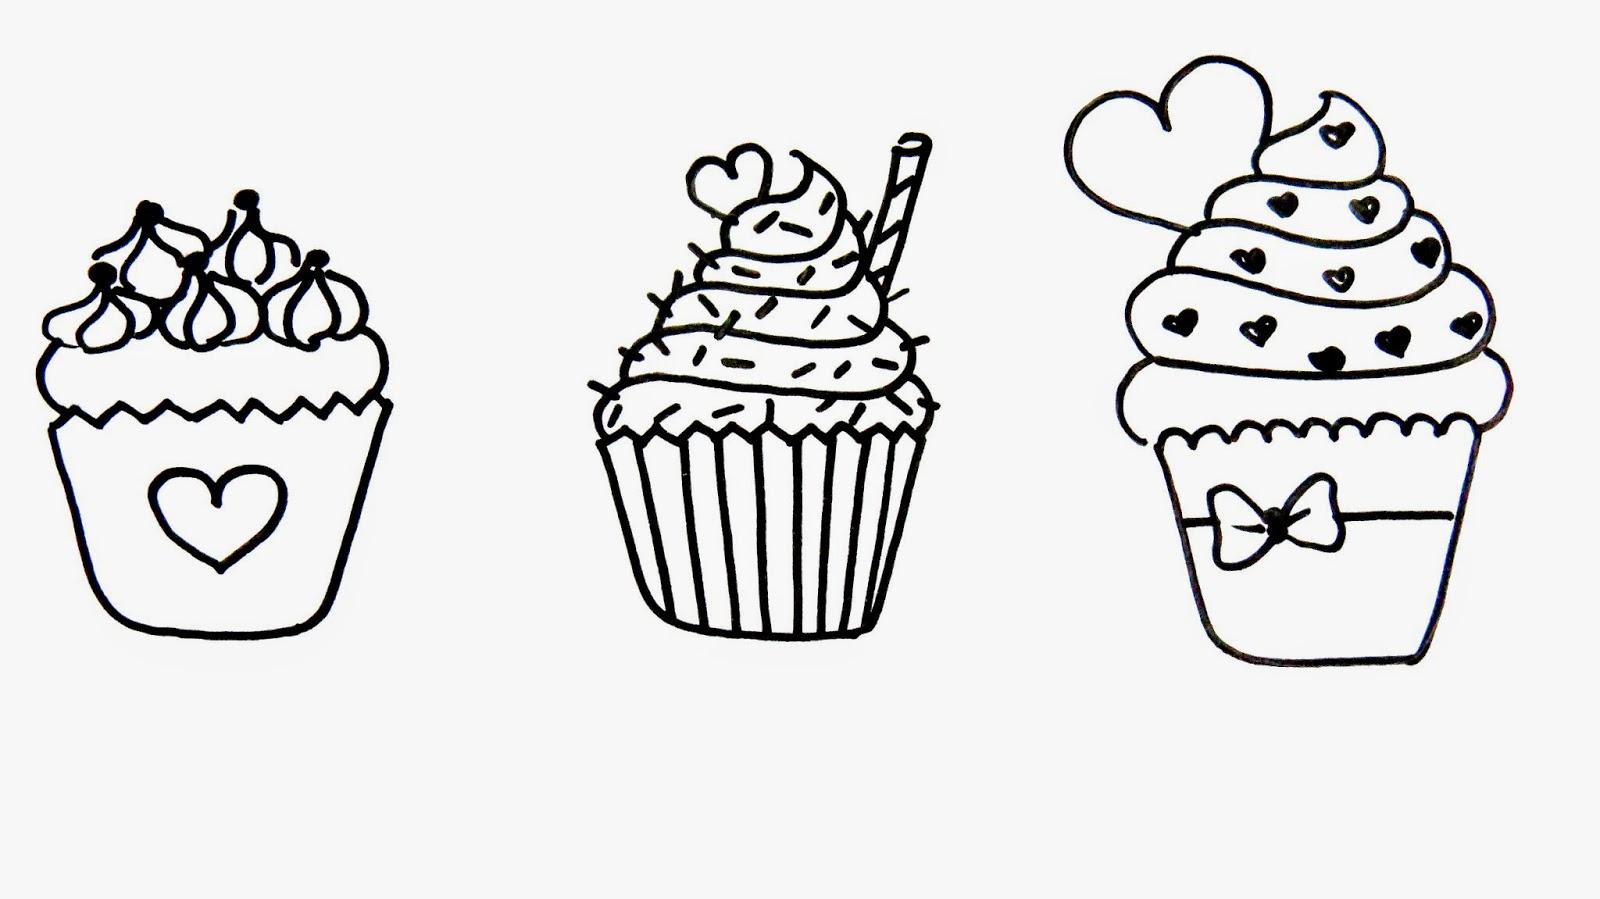 artes mariana santos desenhos de cupcake